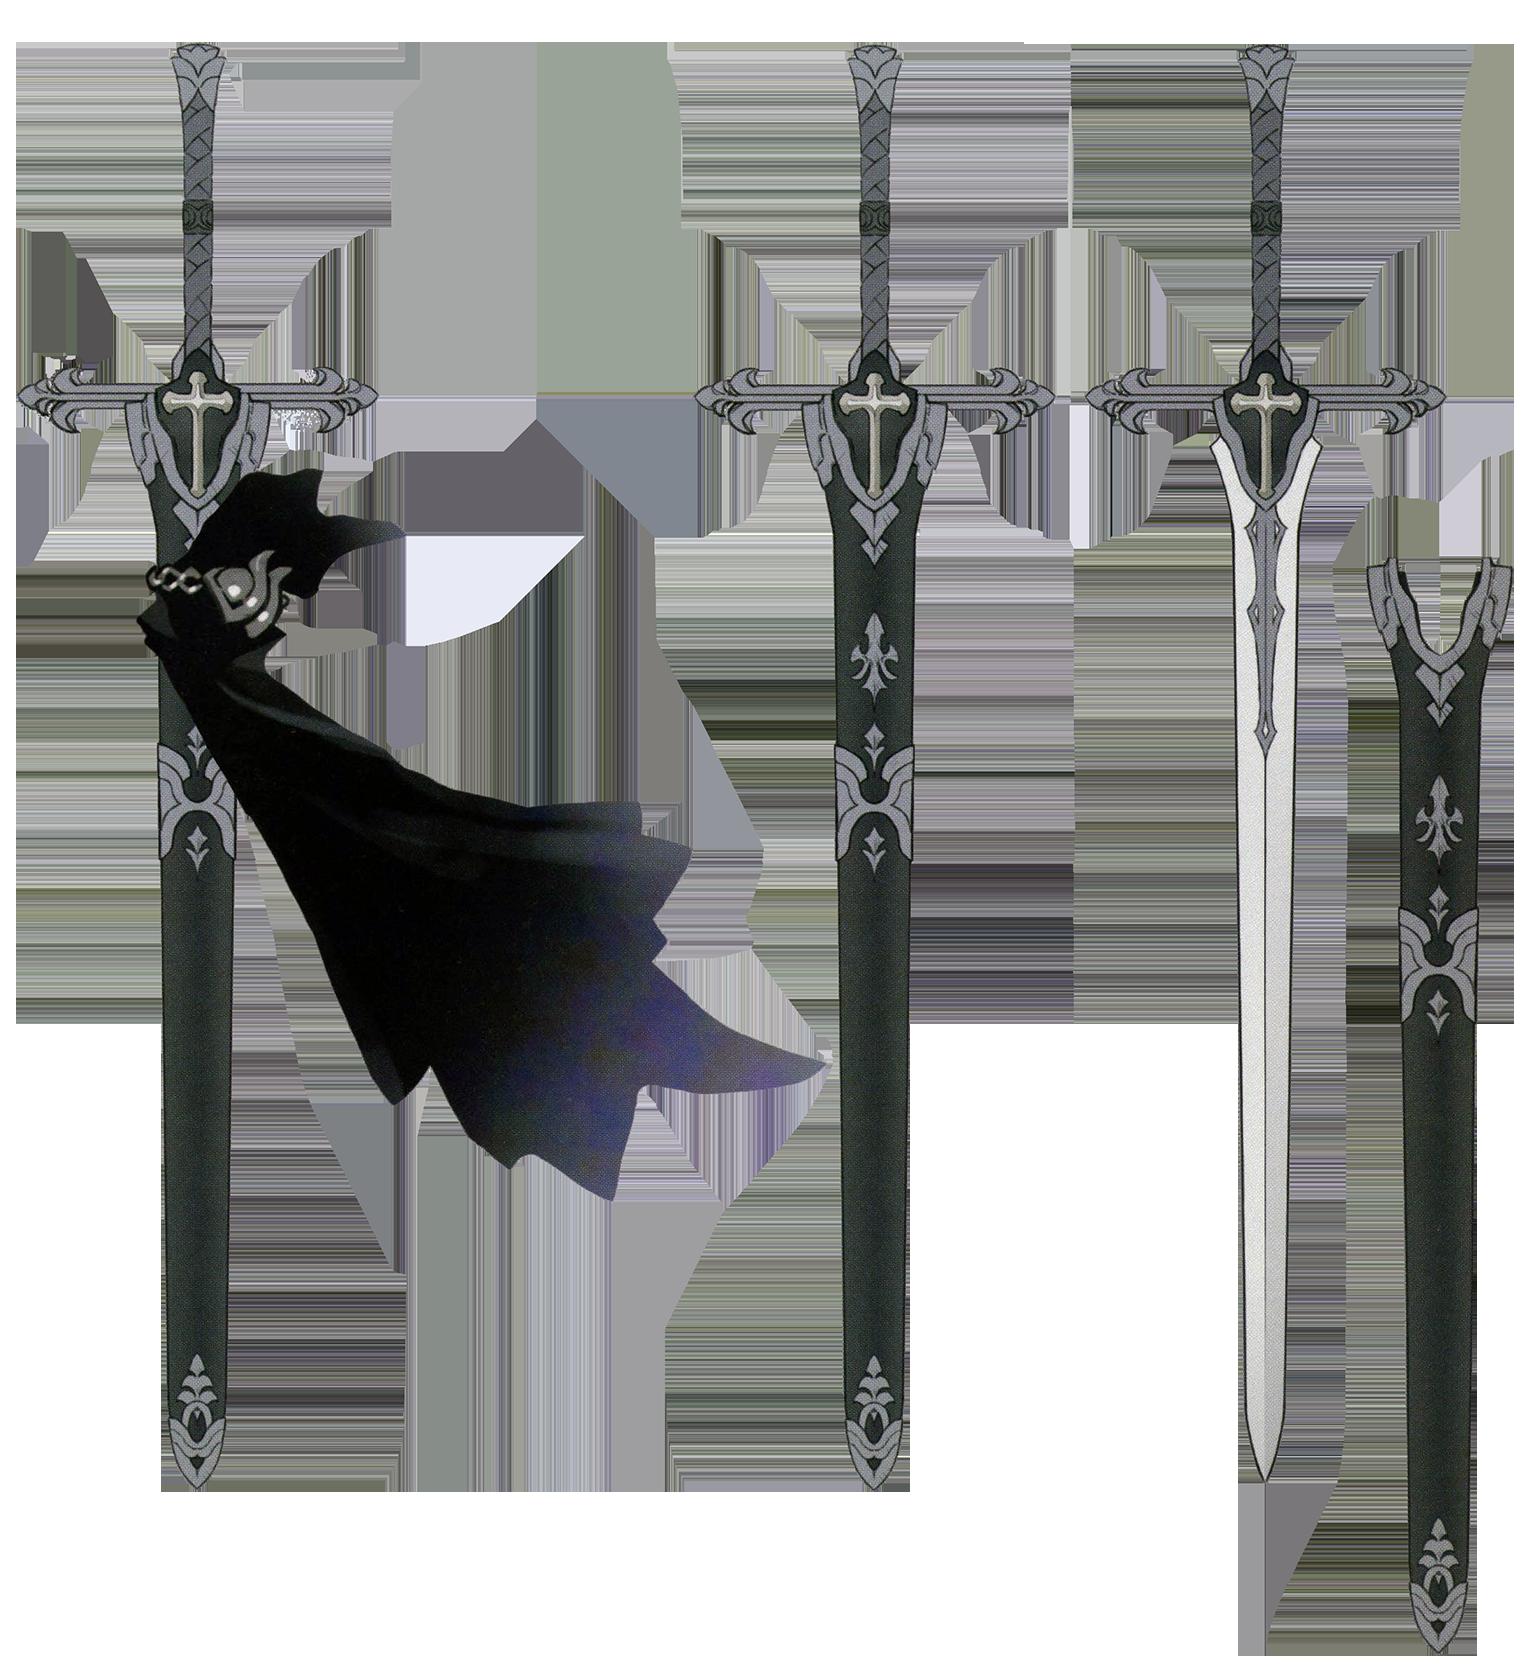 how to get legendary sword